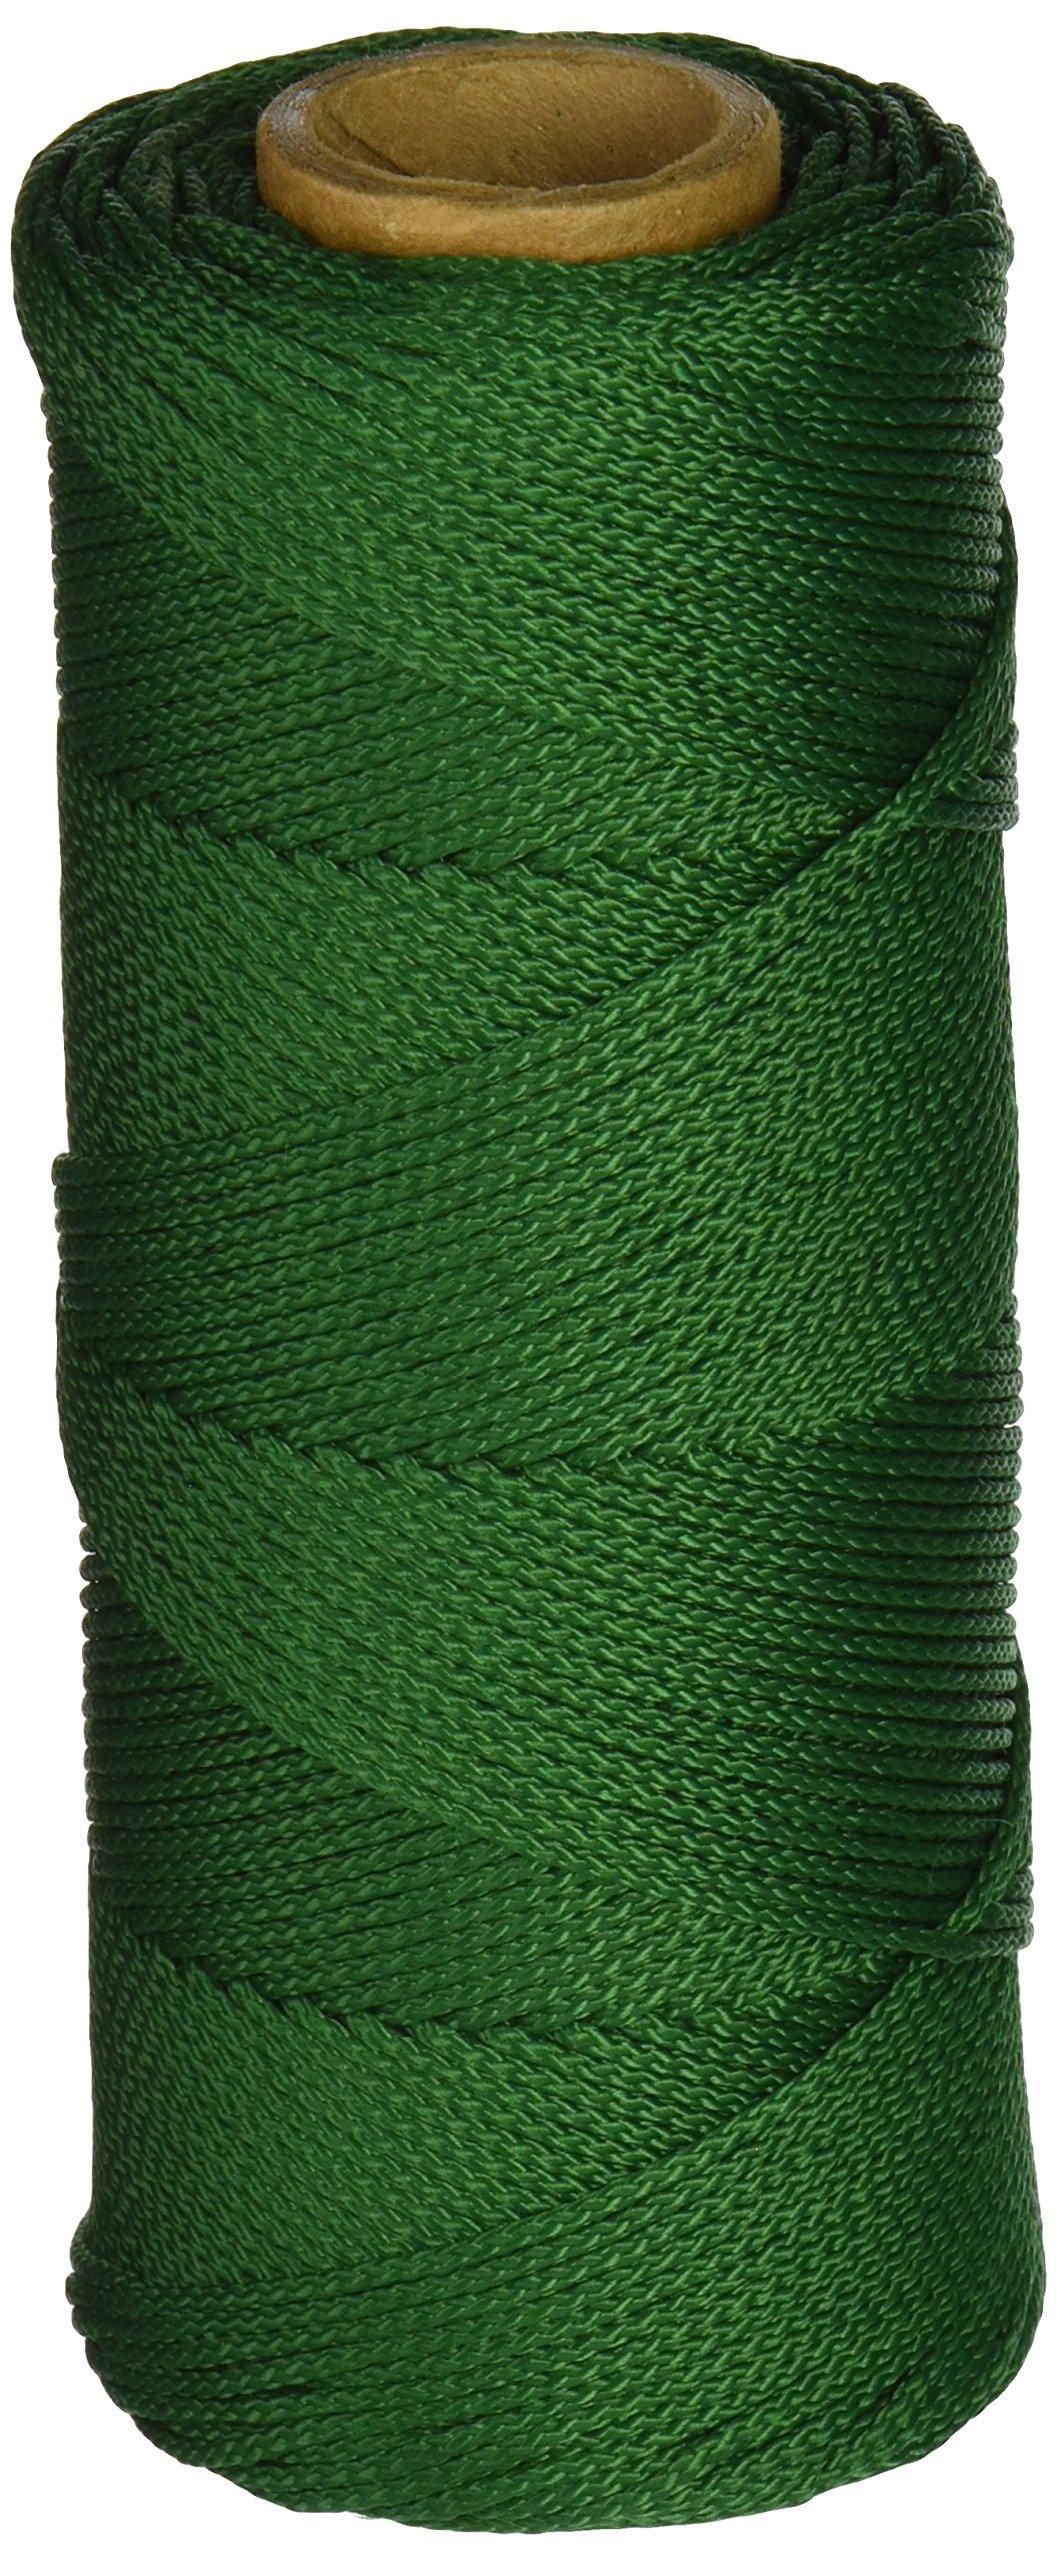 Kraft Tool BC341 Green Braided Masons Line 500-Feet Tube